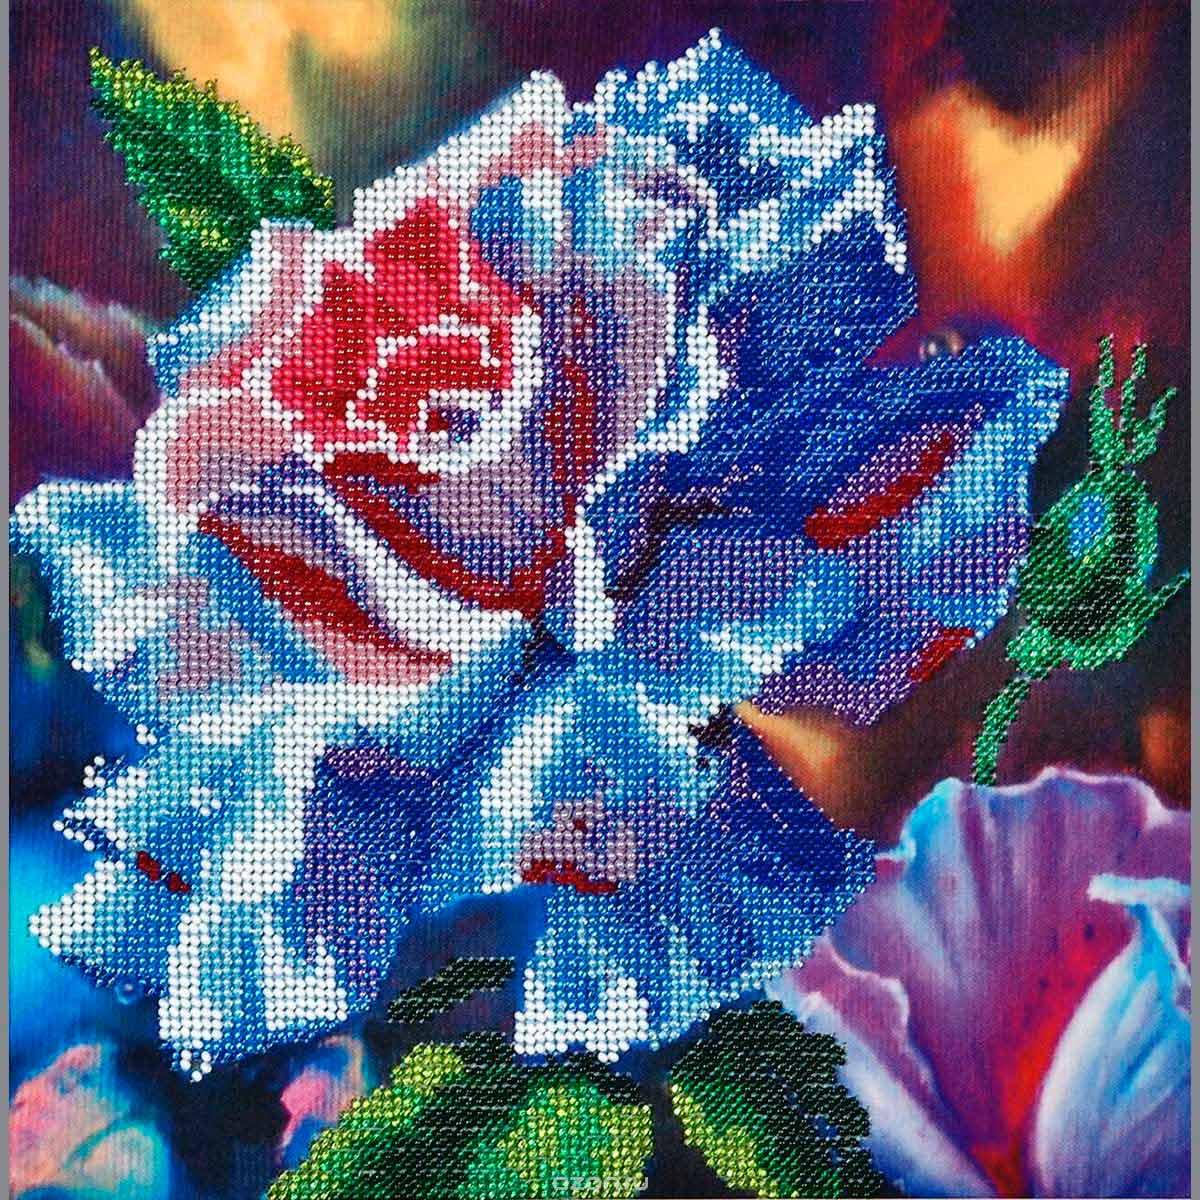 БН-3118 Набор для вышивания бисером Hobby&Pro 'Волшебная роза', 25*25 см